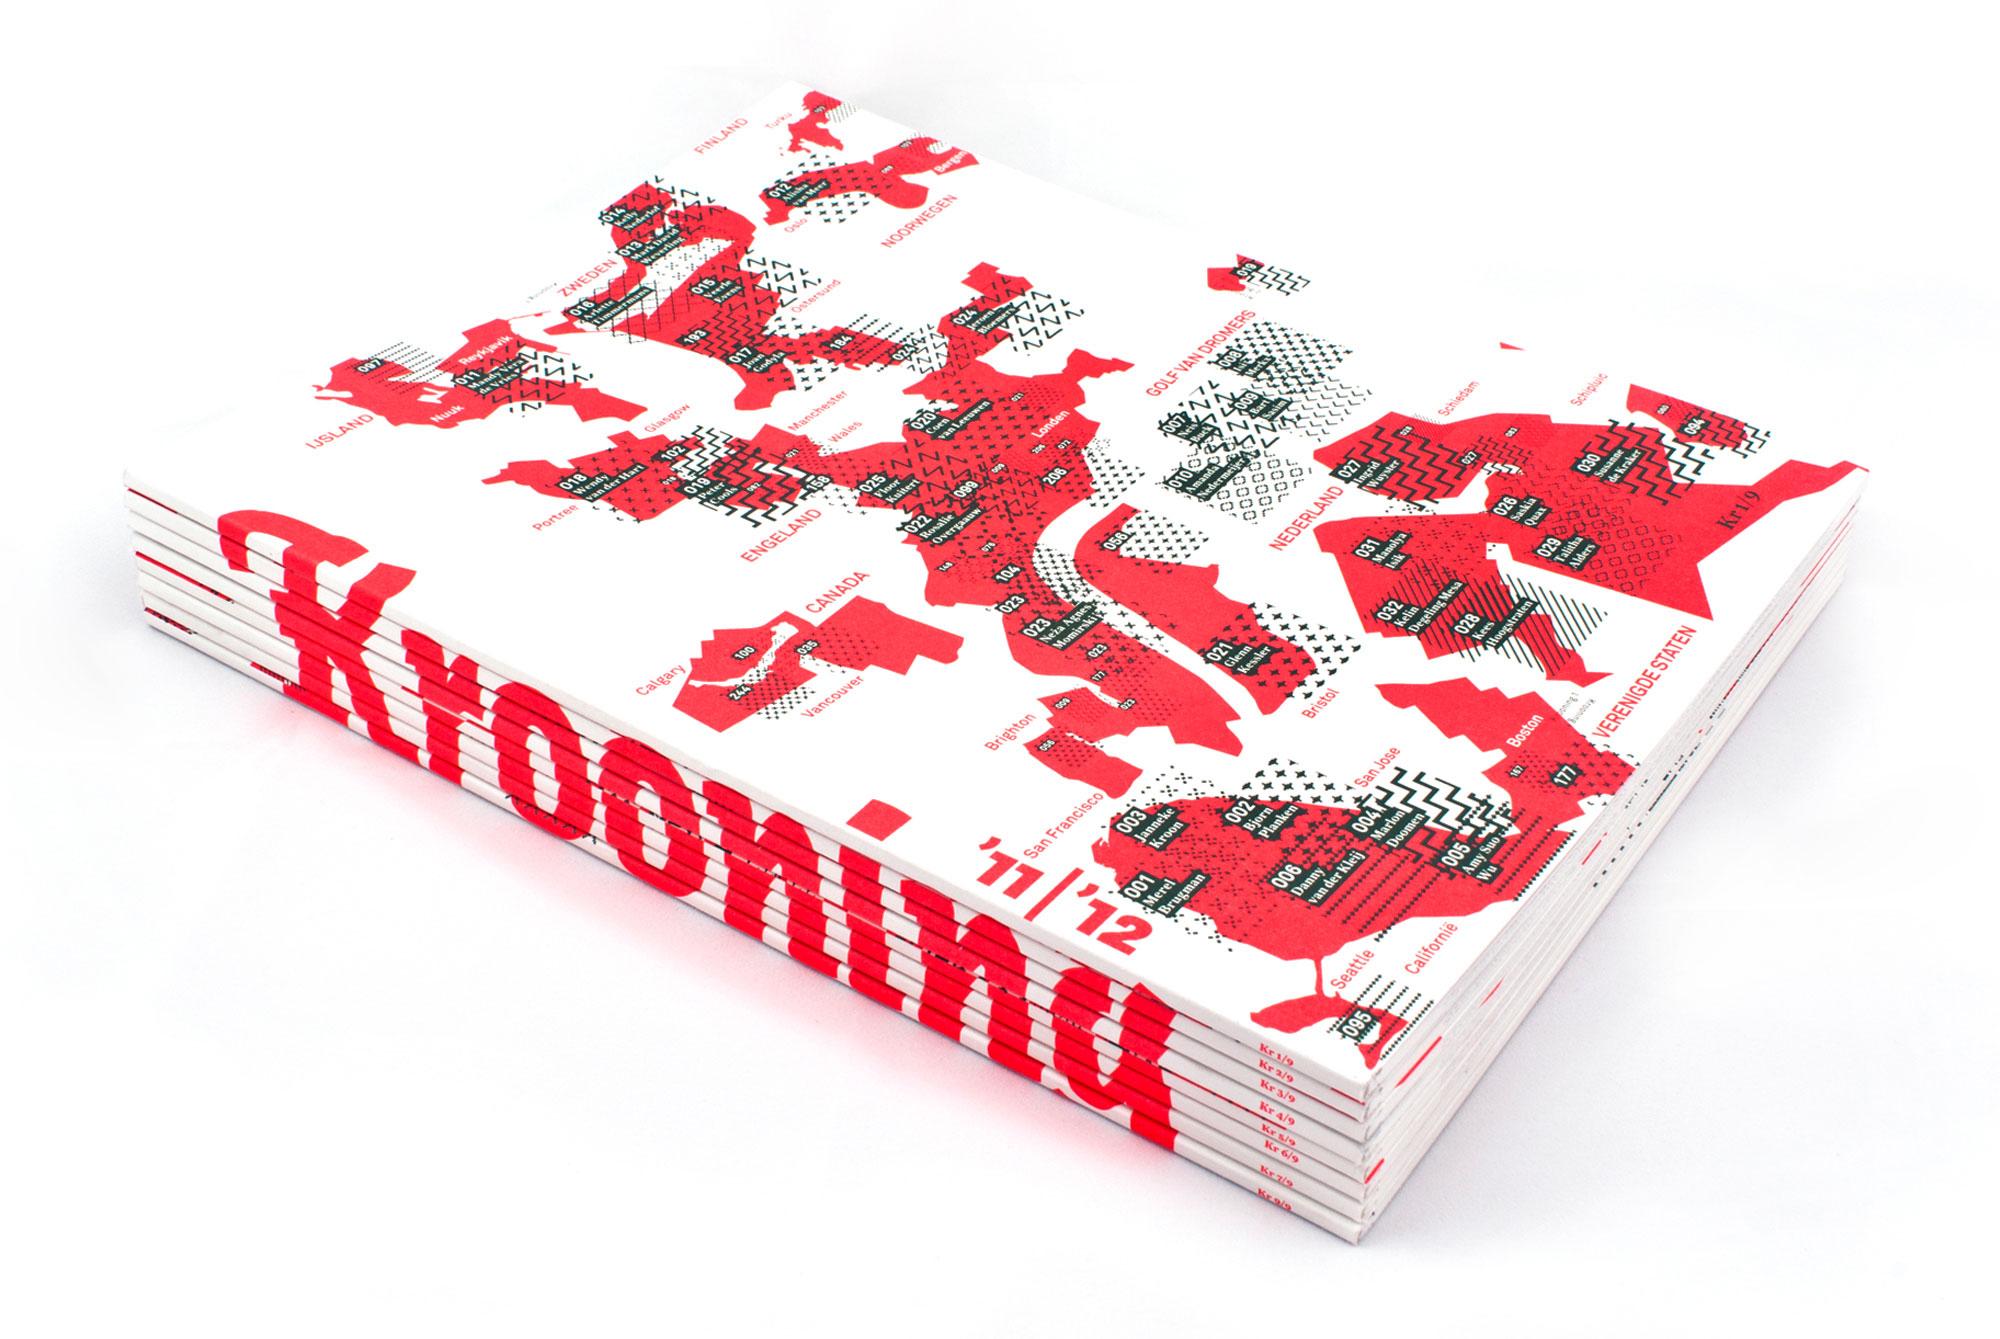 Krooning 2011/2012